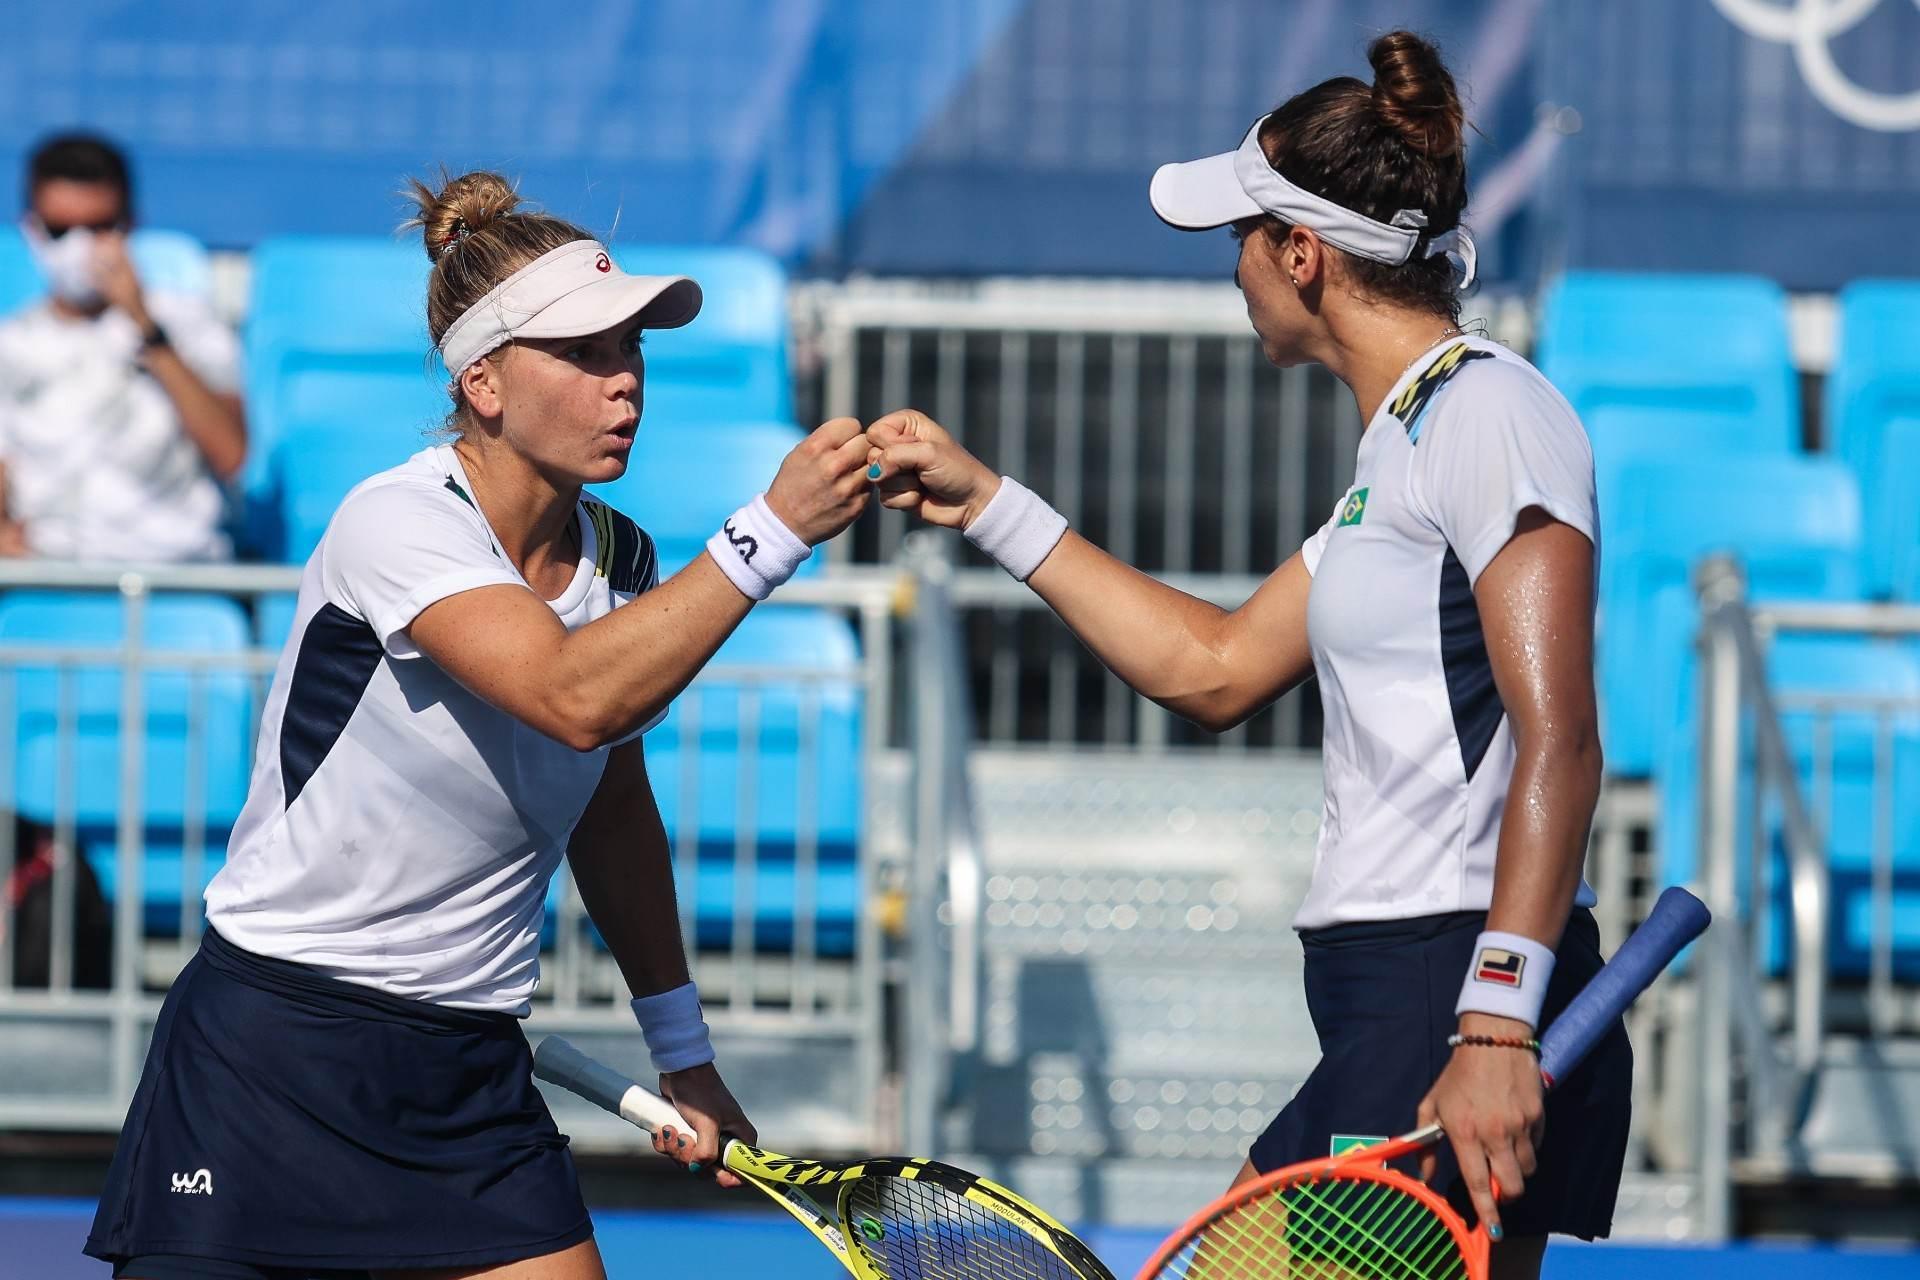 Tenistas Luisa Stefani e Laura Pigossi avançaram à semifinal nas Olimpíadas